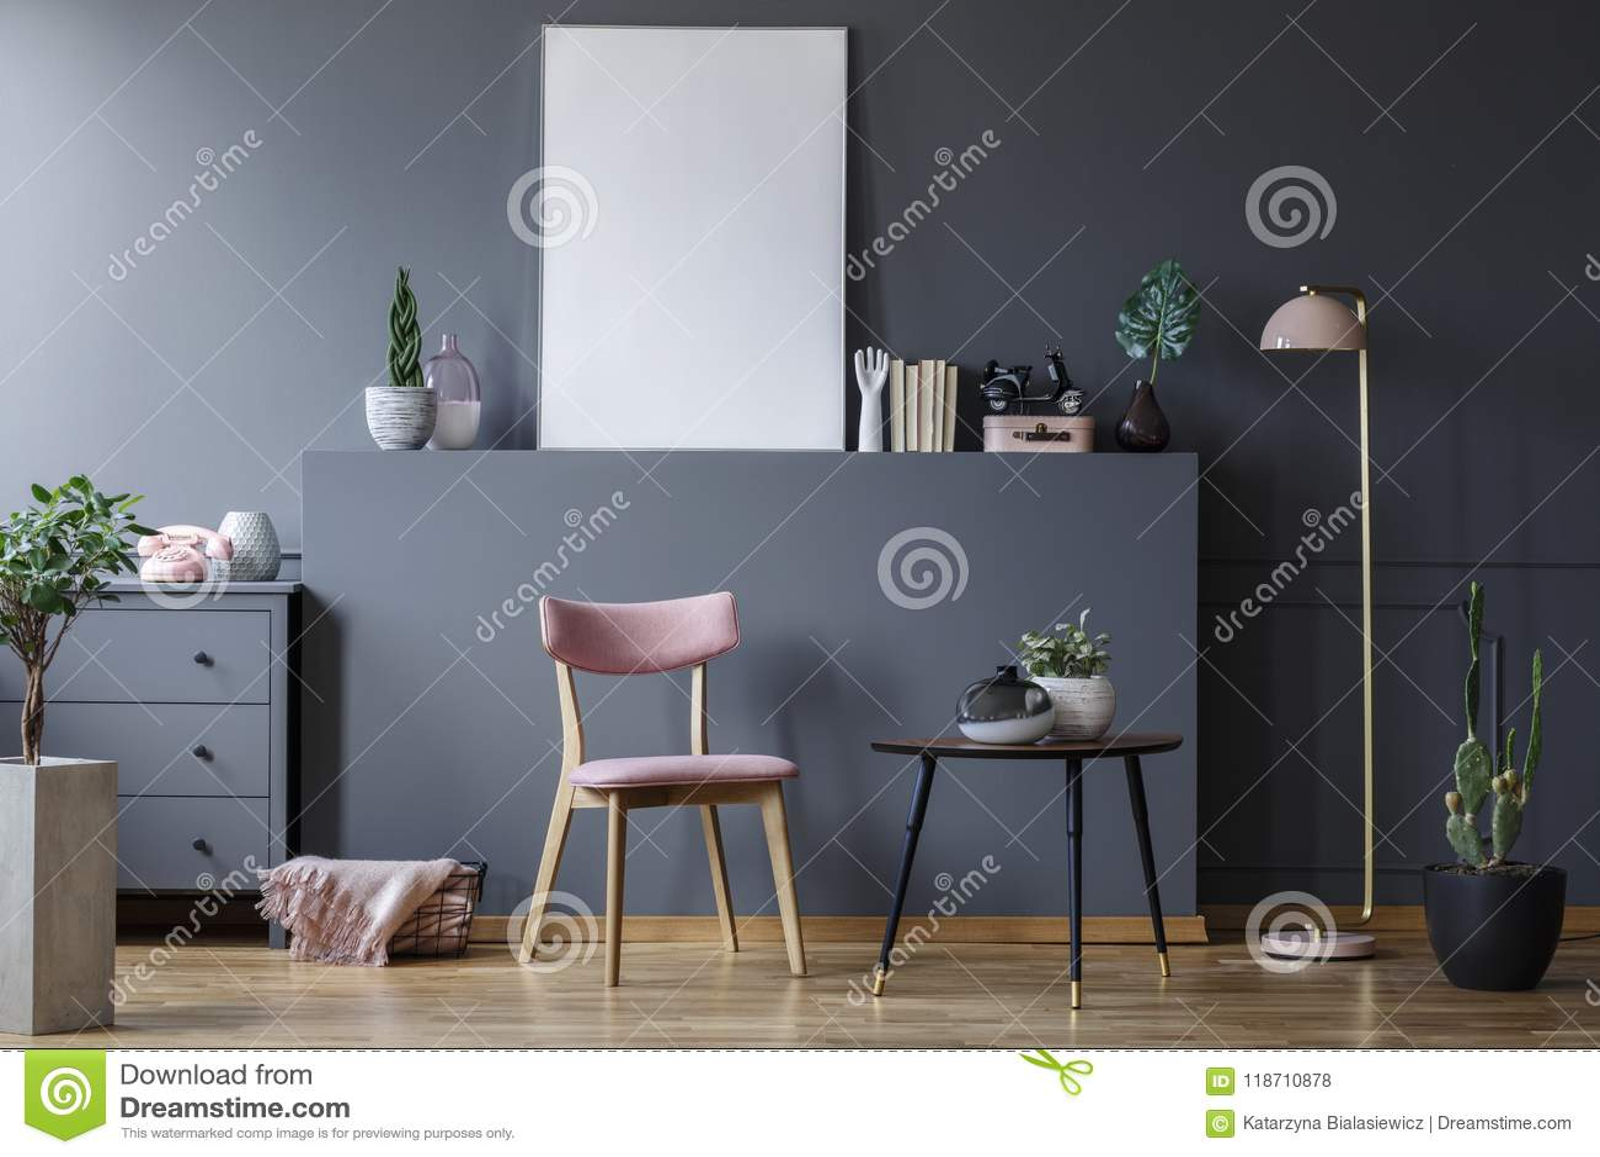 Roze houten stoel bij zwarte lijst in grijs woonkamerbinnenland